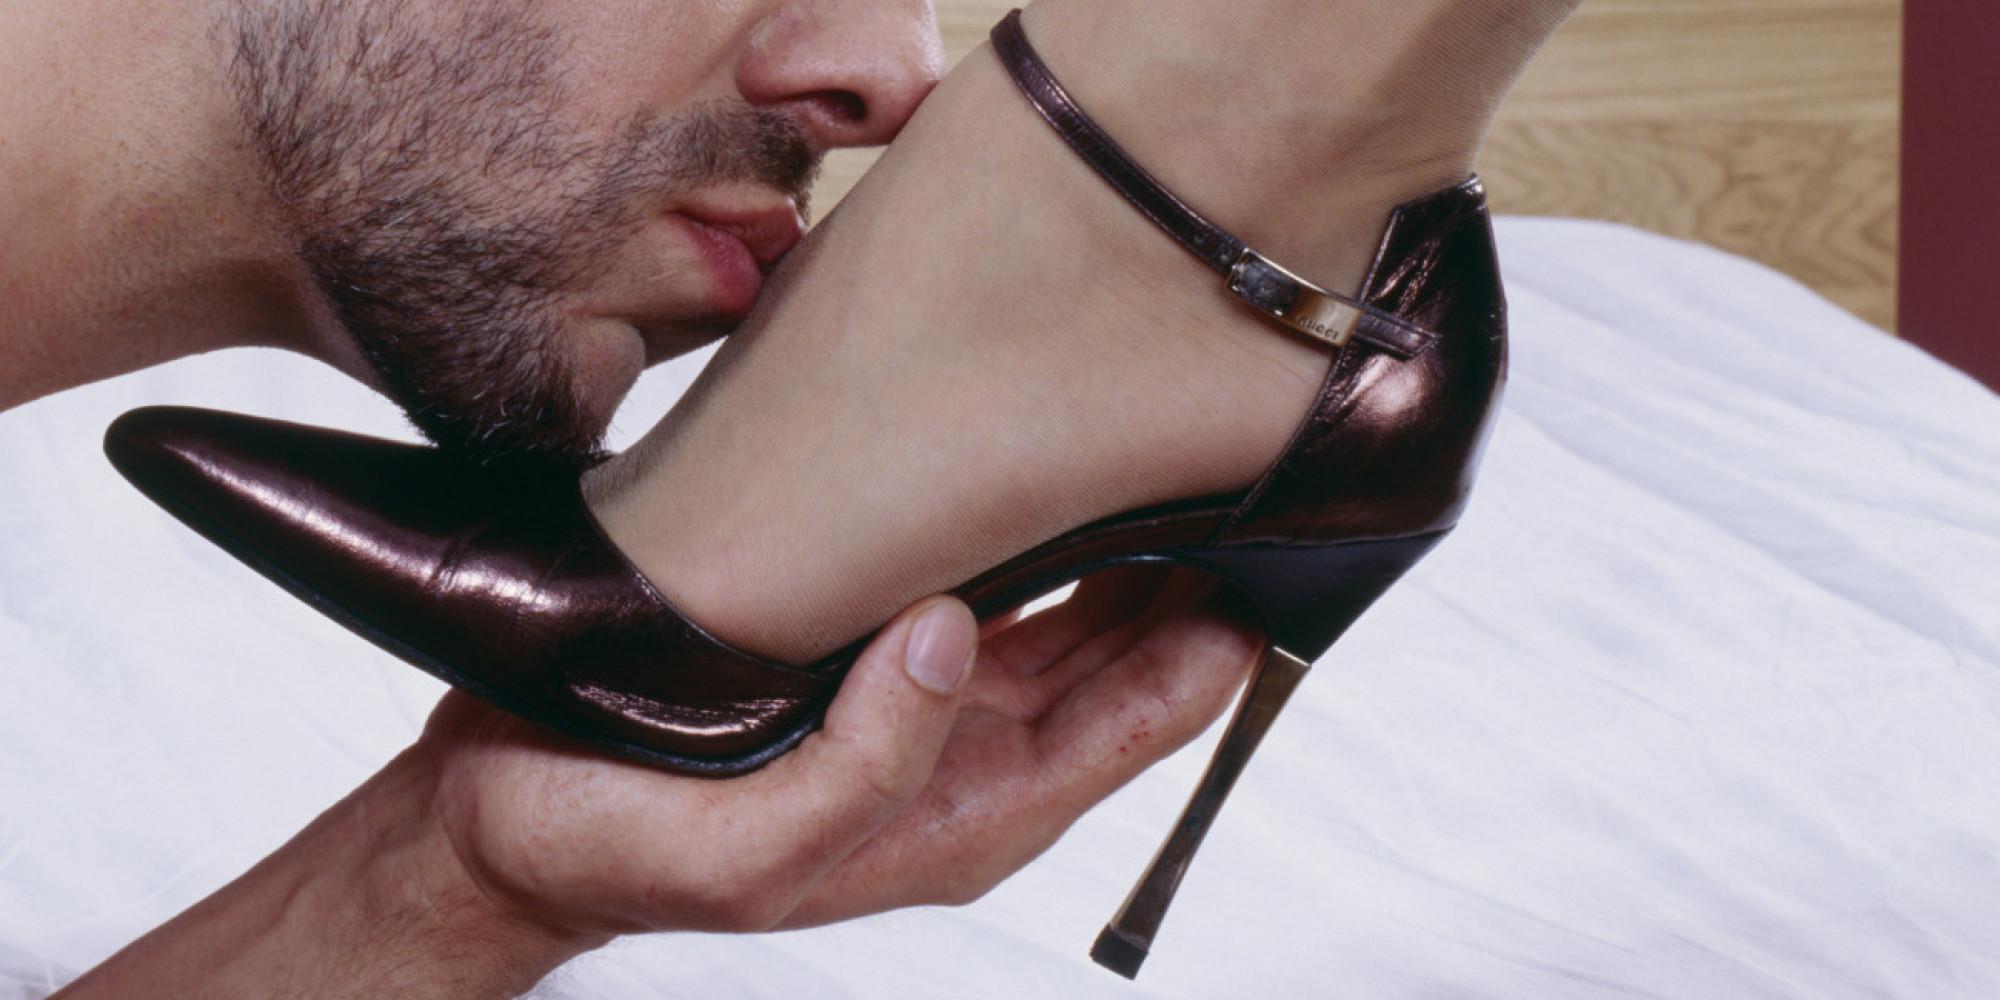 Сайт любителей целовать женские ноги, смотреть порно онлайн трахнули в кинотеатре